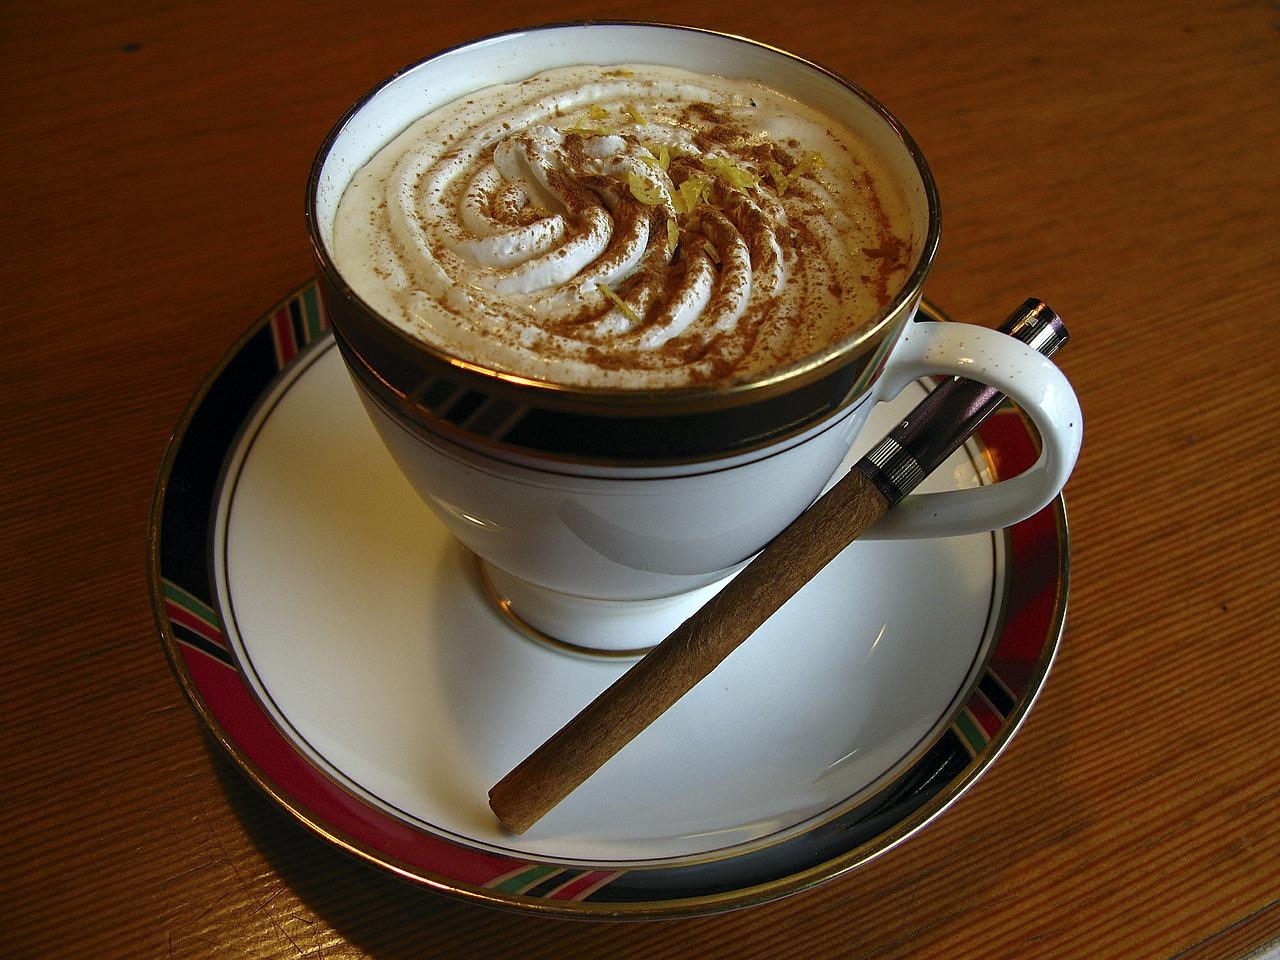 photo cappuccino-swirl_zpsp1bi3xfu.jpg